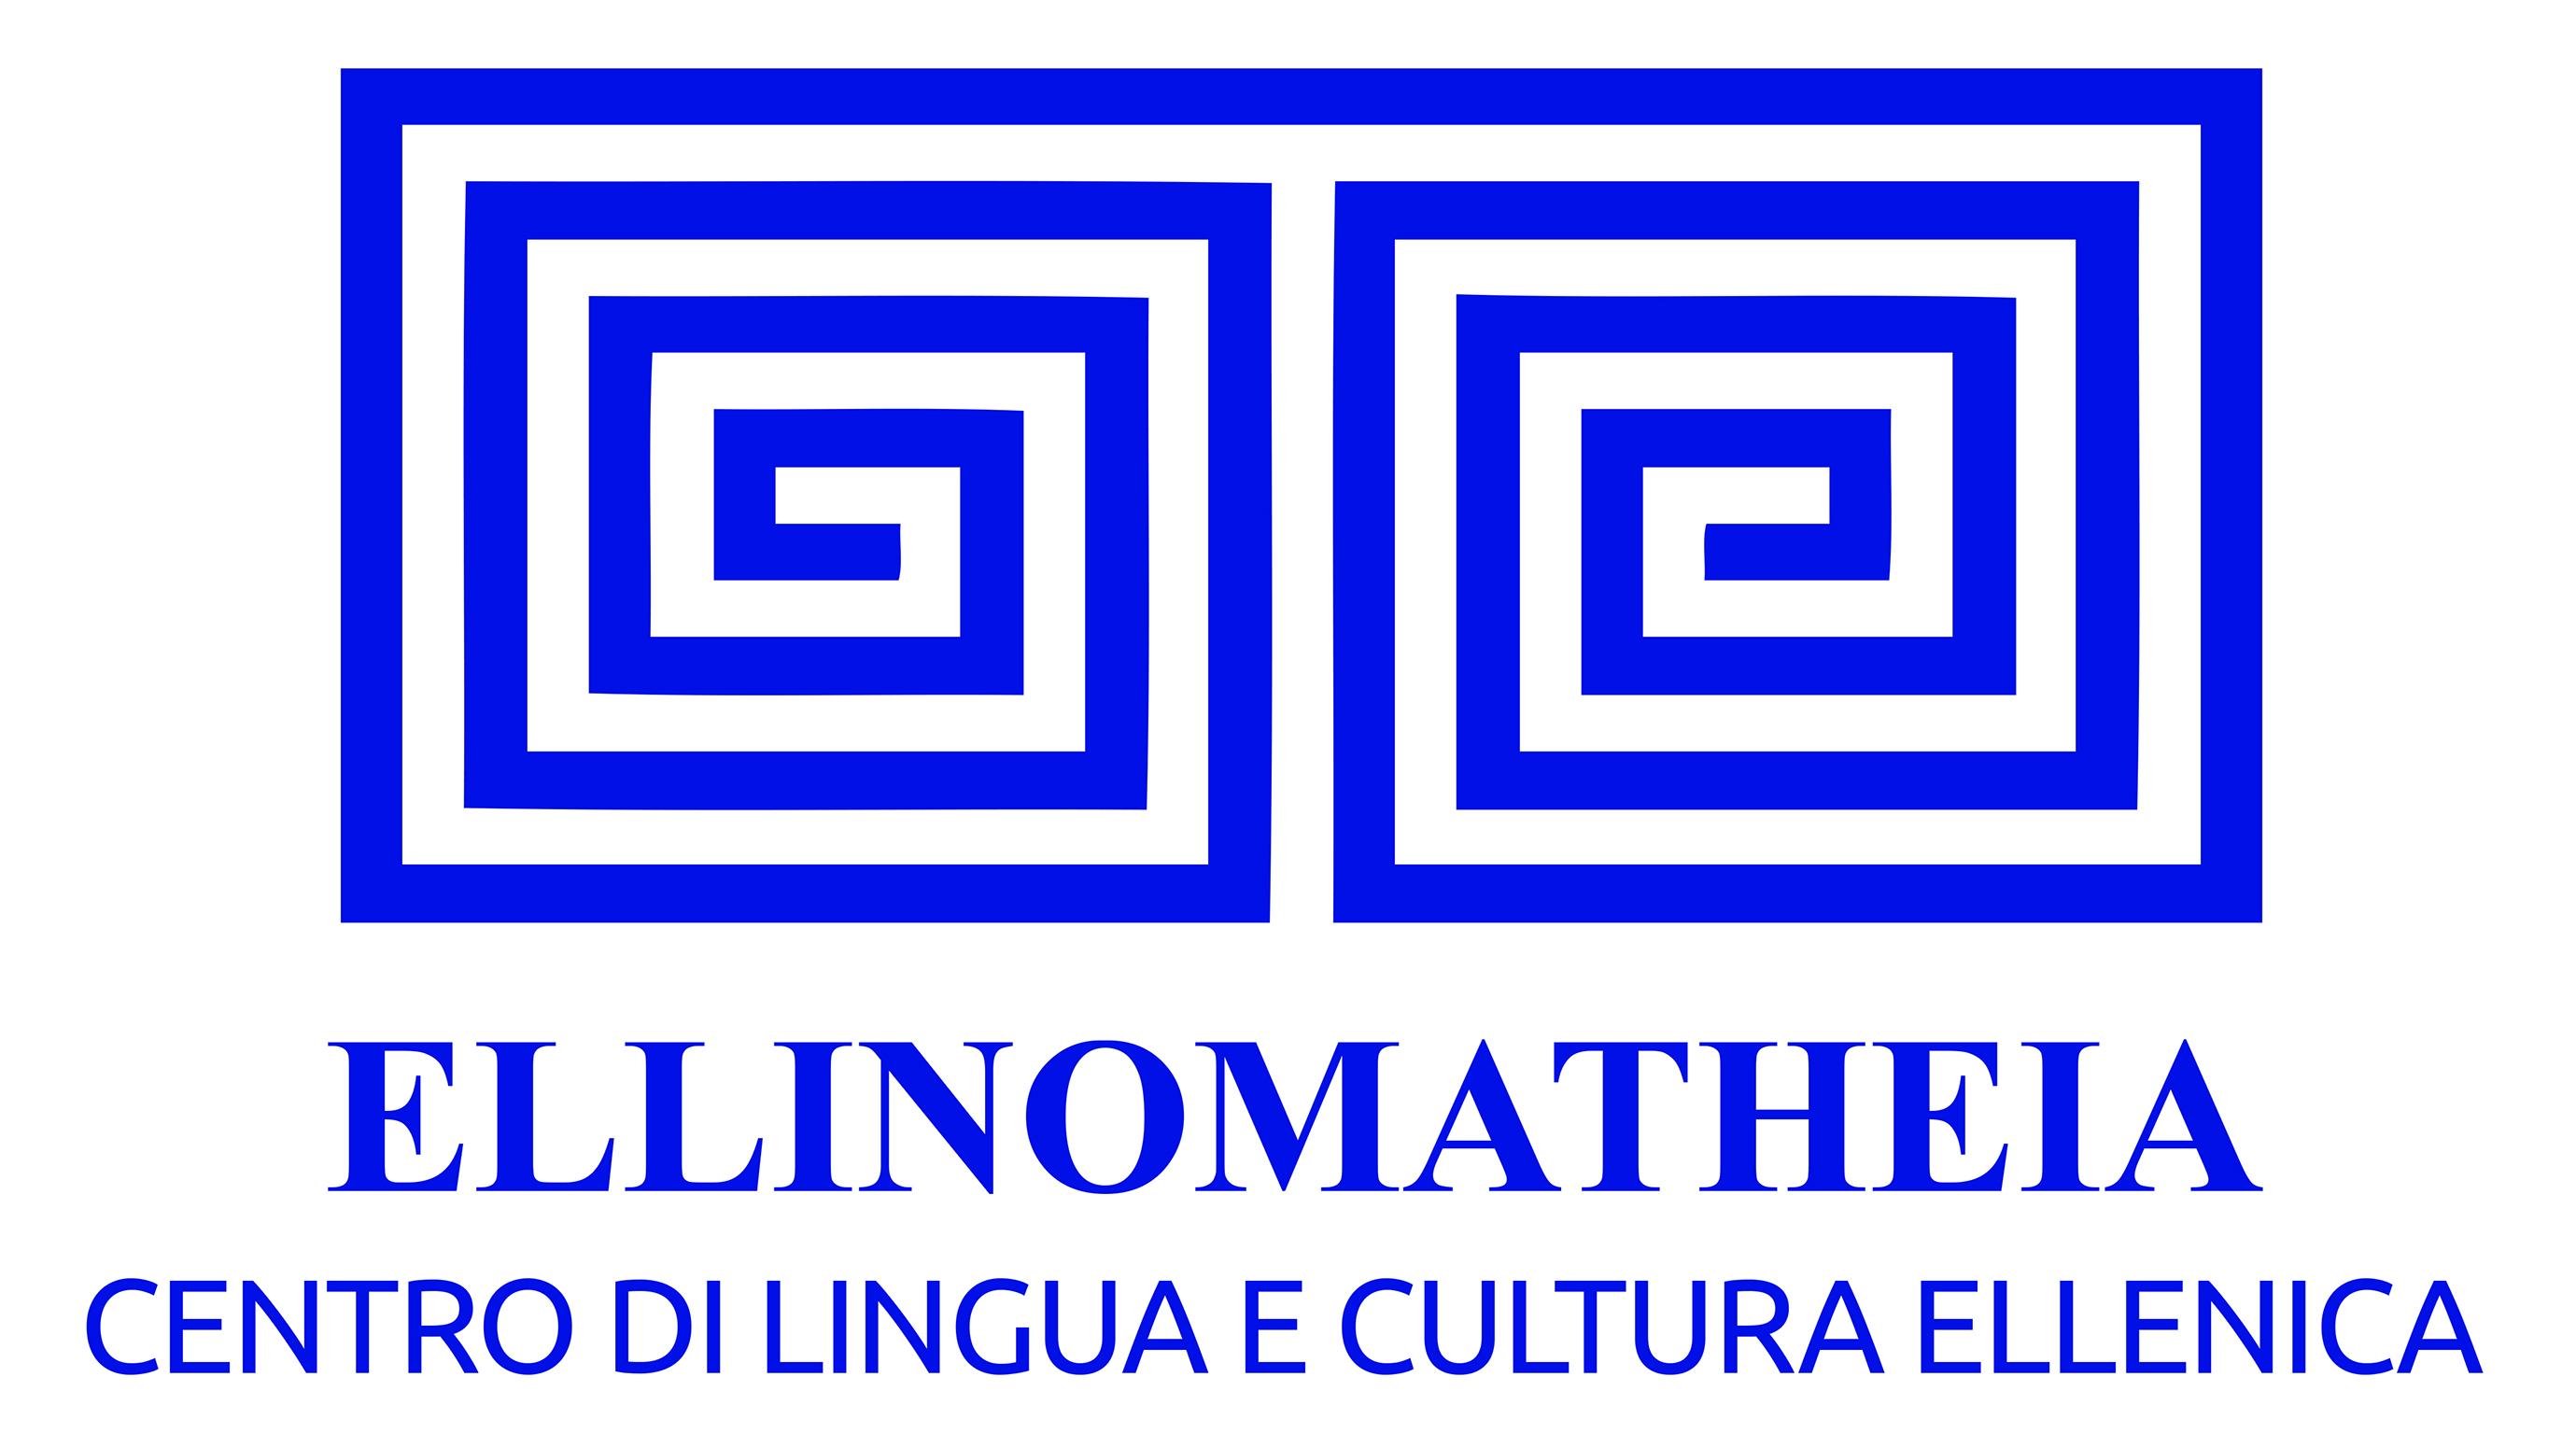 ELLINOMATHEIALOGO